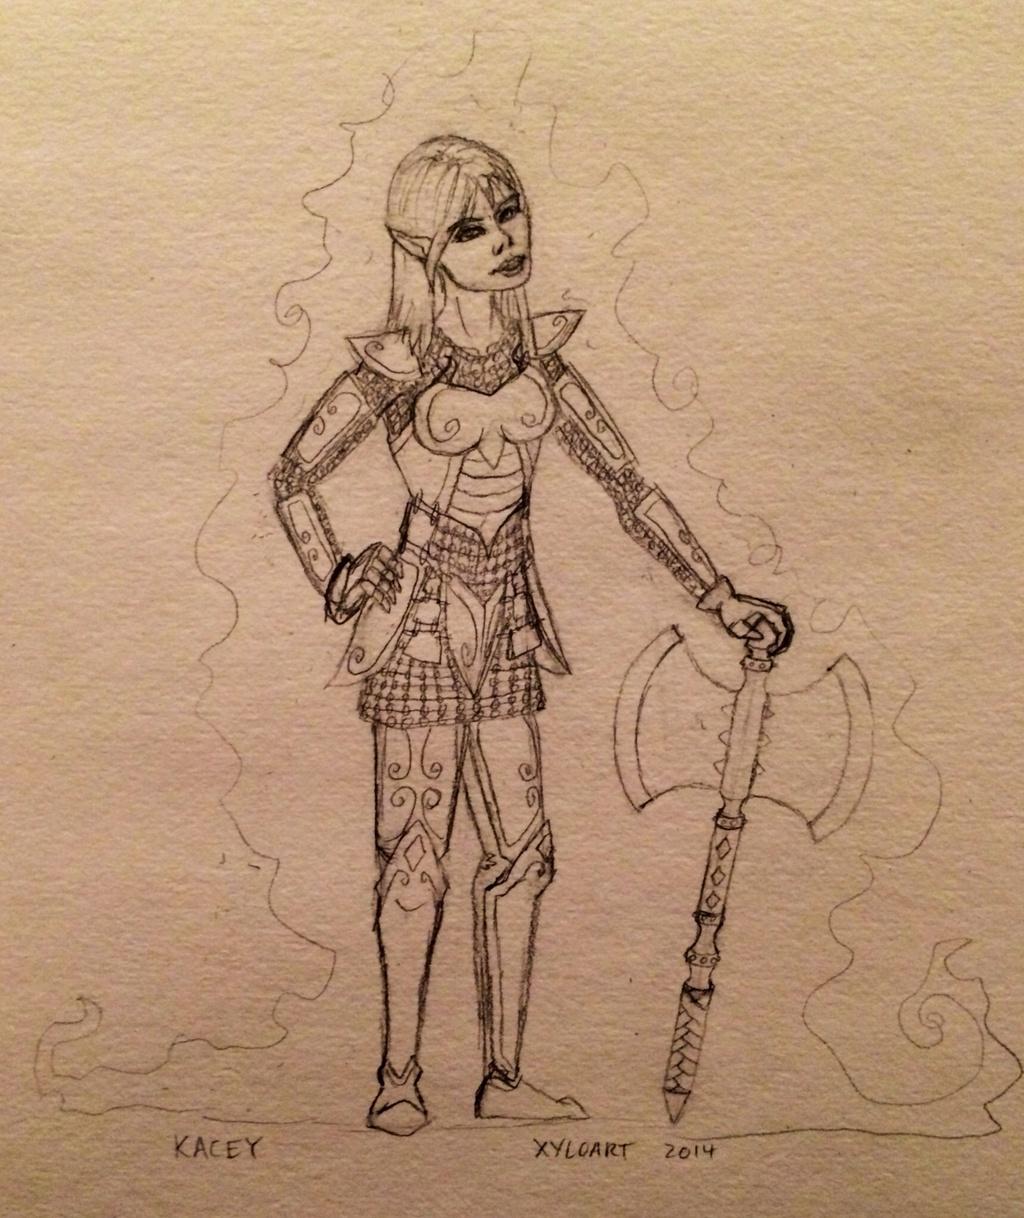 Kacey sketch